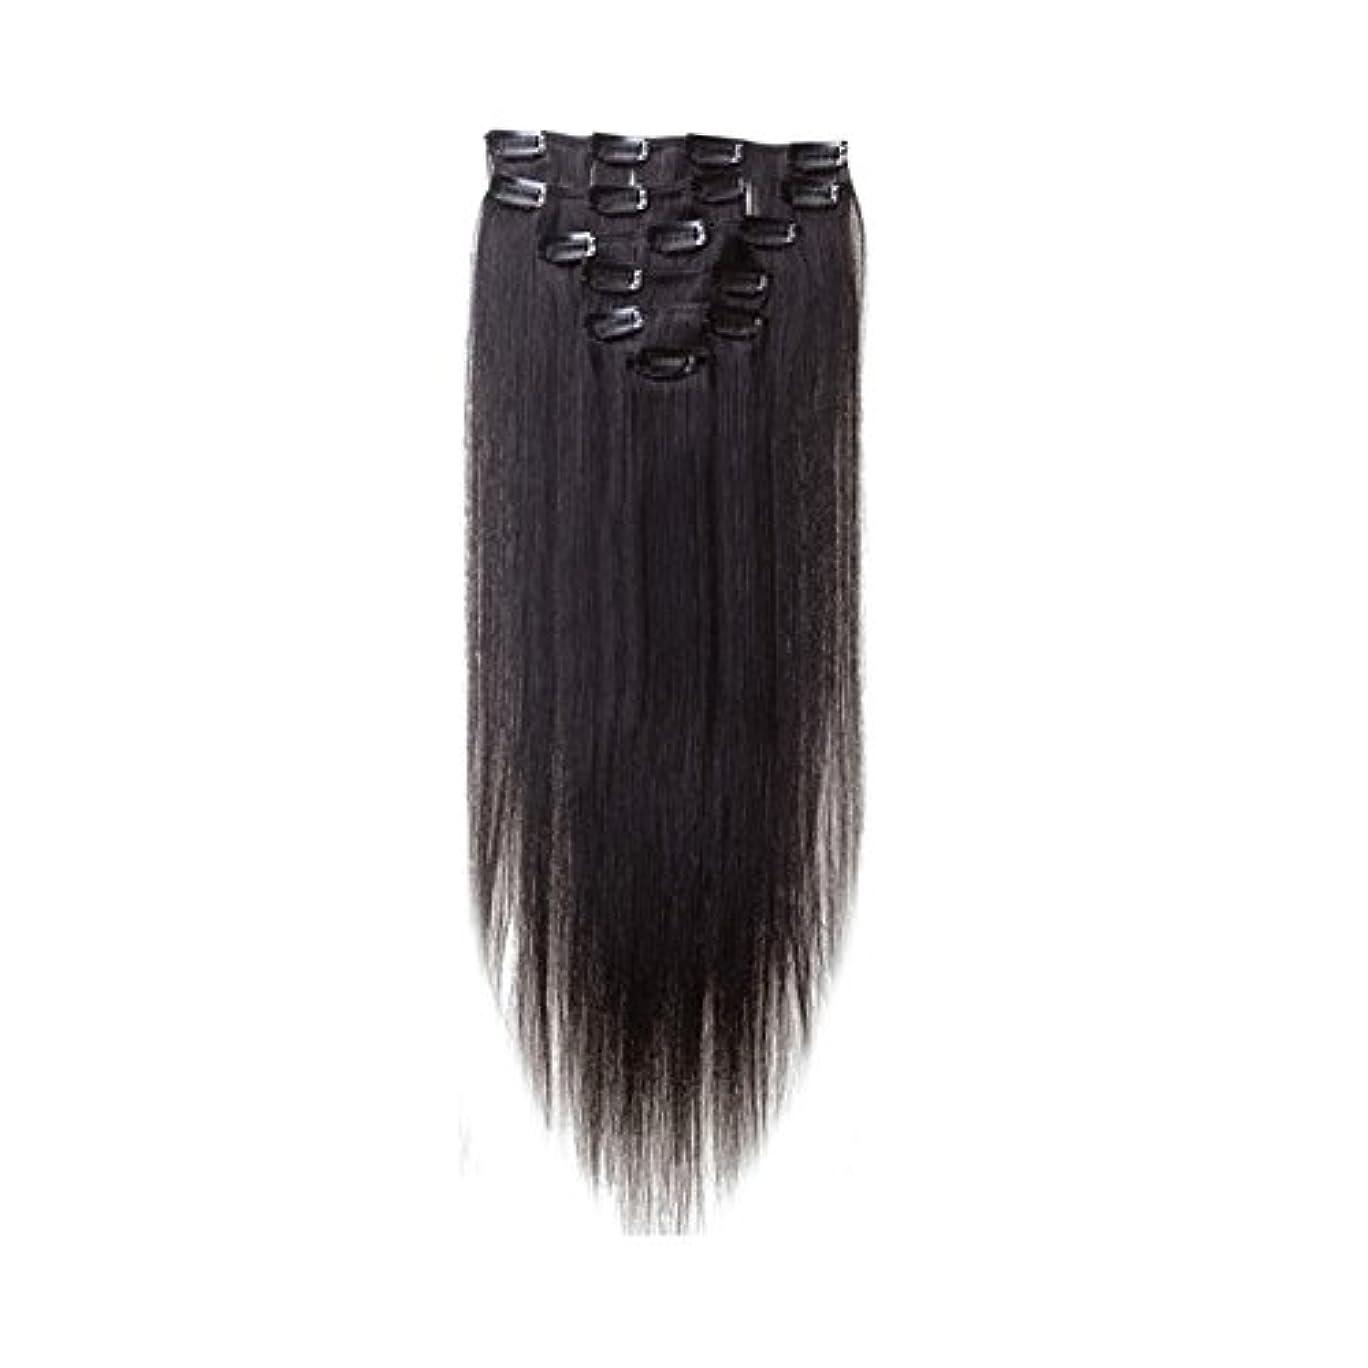 ゆり一貫したメッセージヘアエクステンション,SODIAL(R) 女性の人間の髪 クリップインヘアエクステンション 7件 70g 22インチ ナチュラルブラック